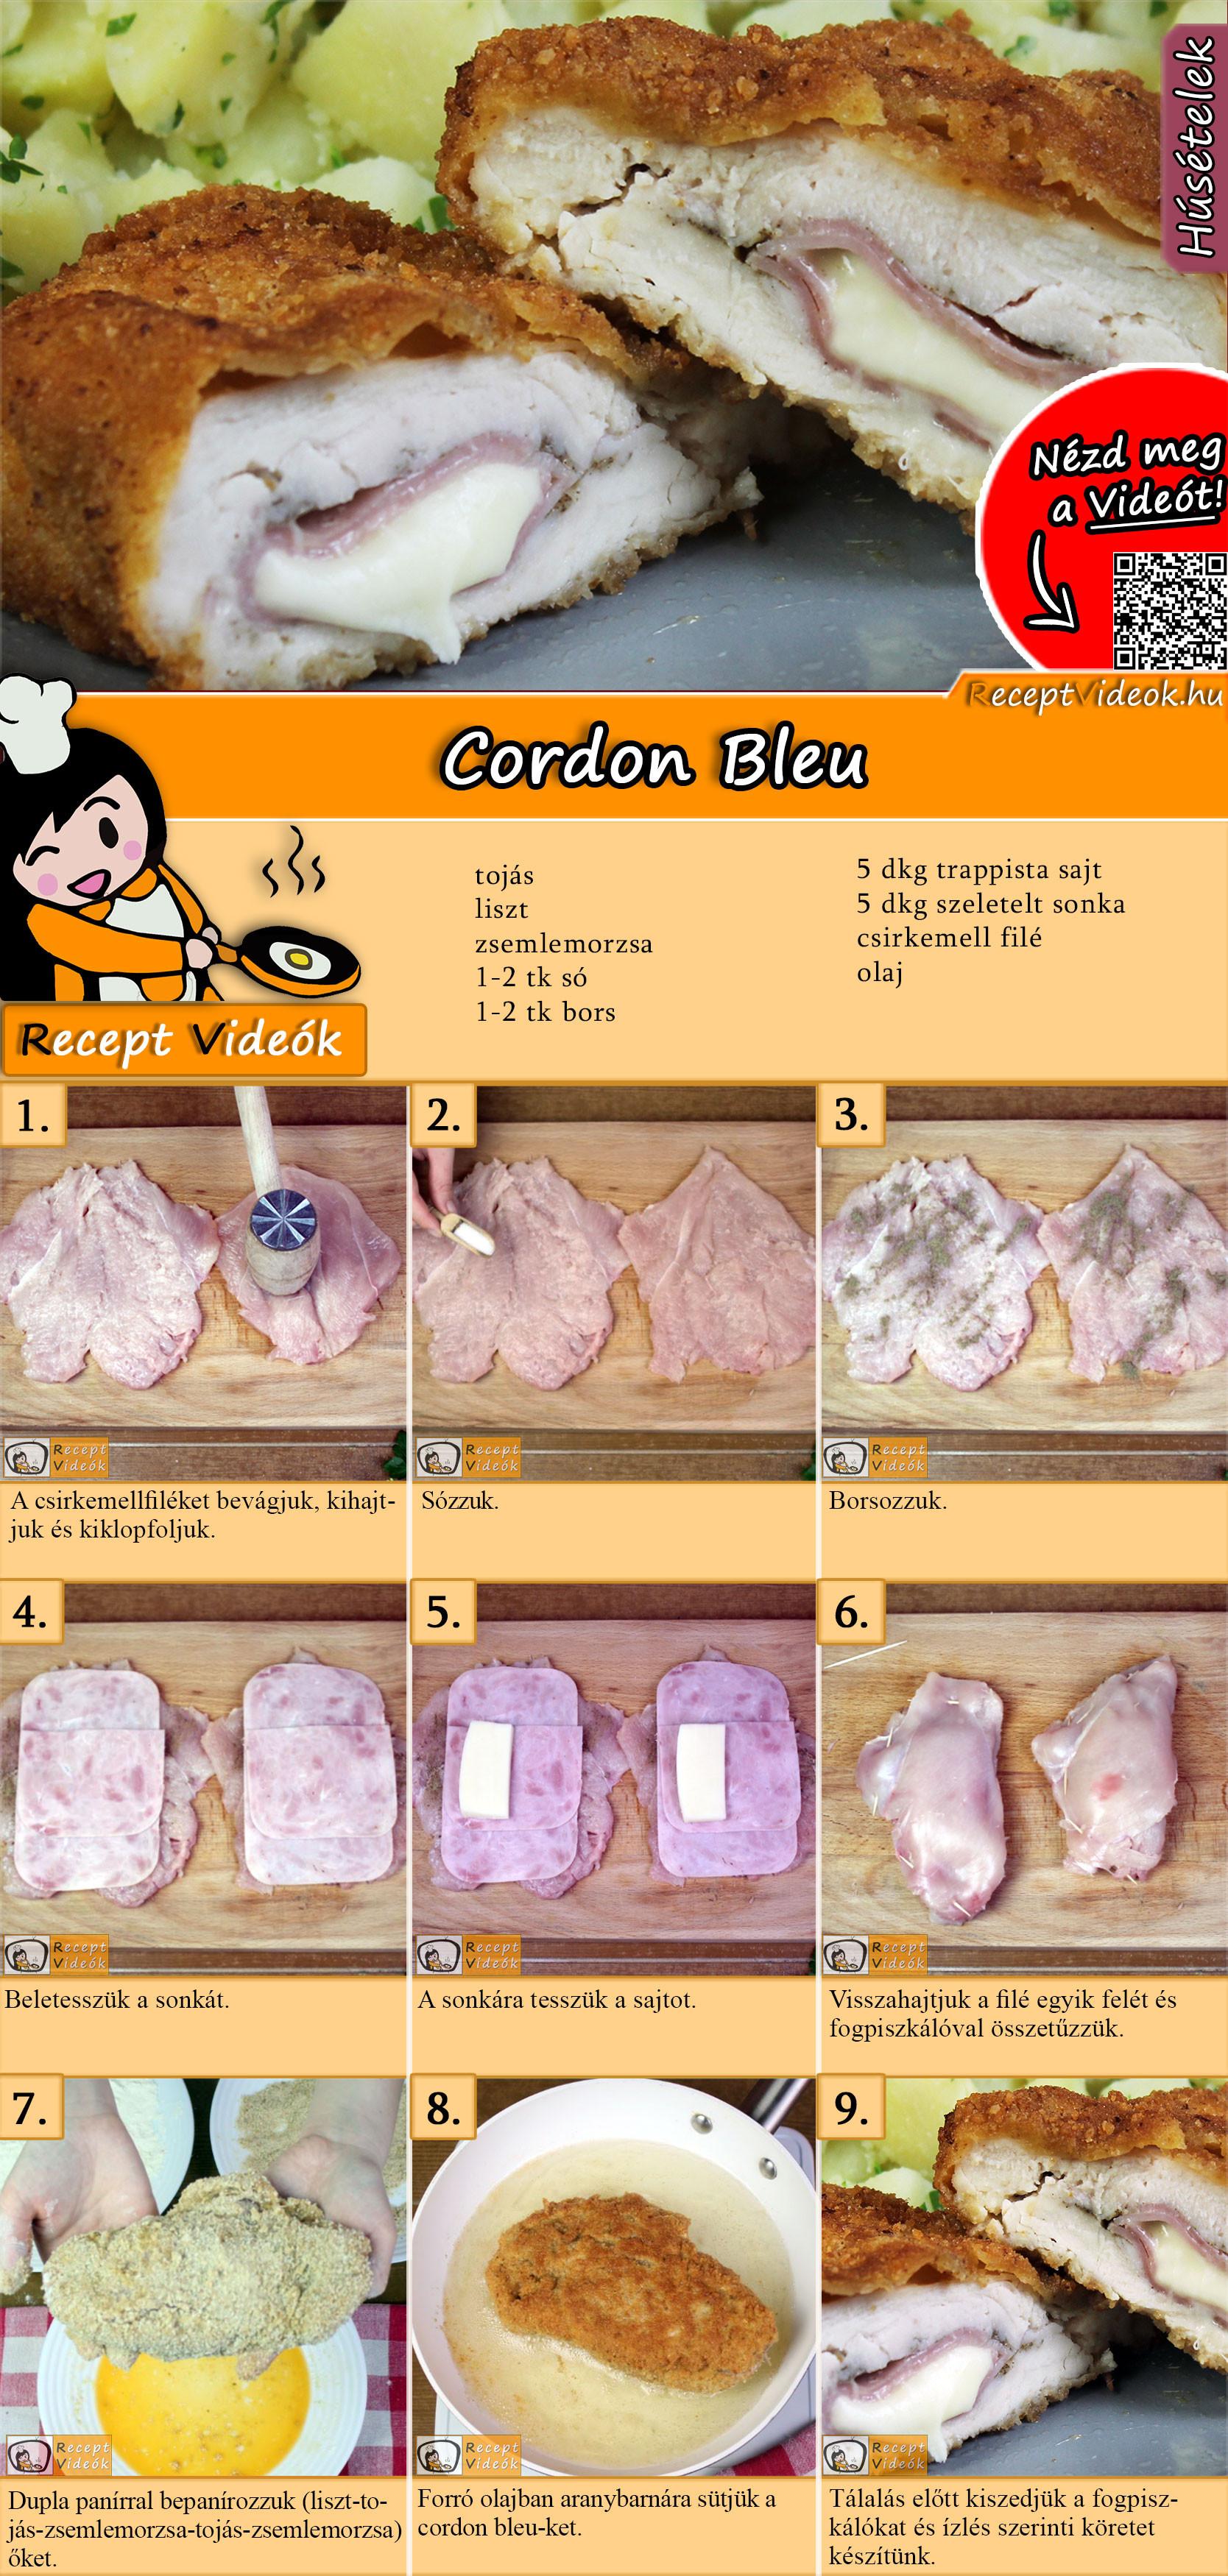 Cordon Bleu recept elkészítése videóval